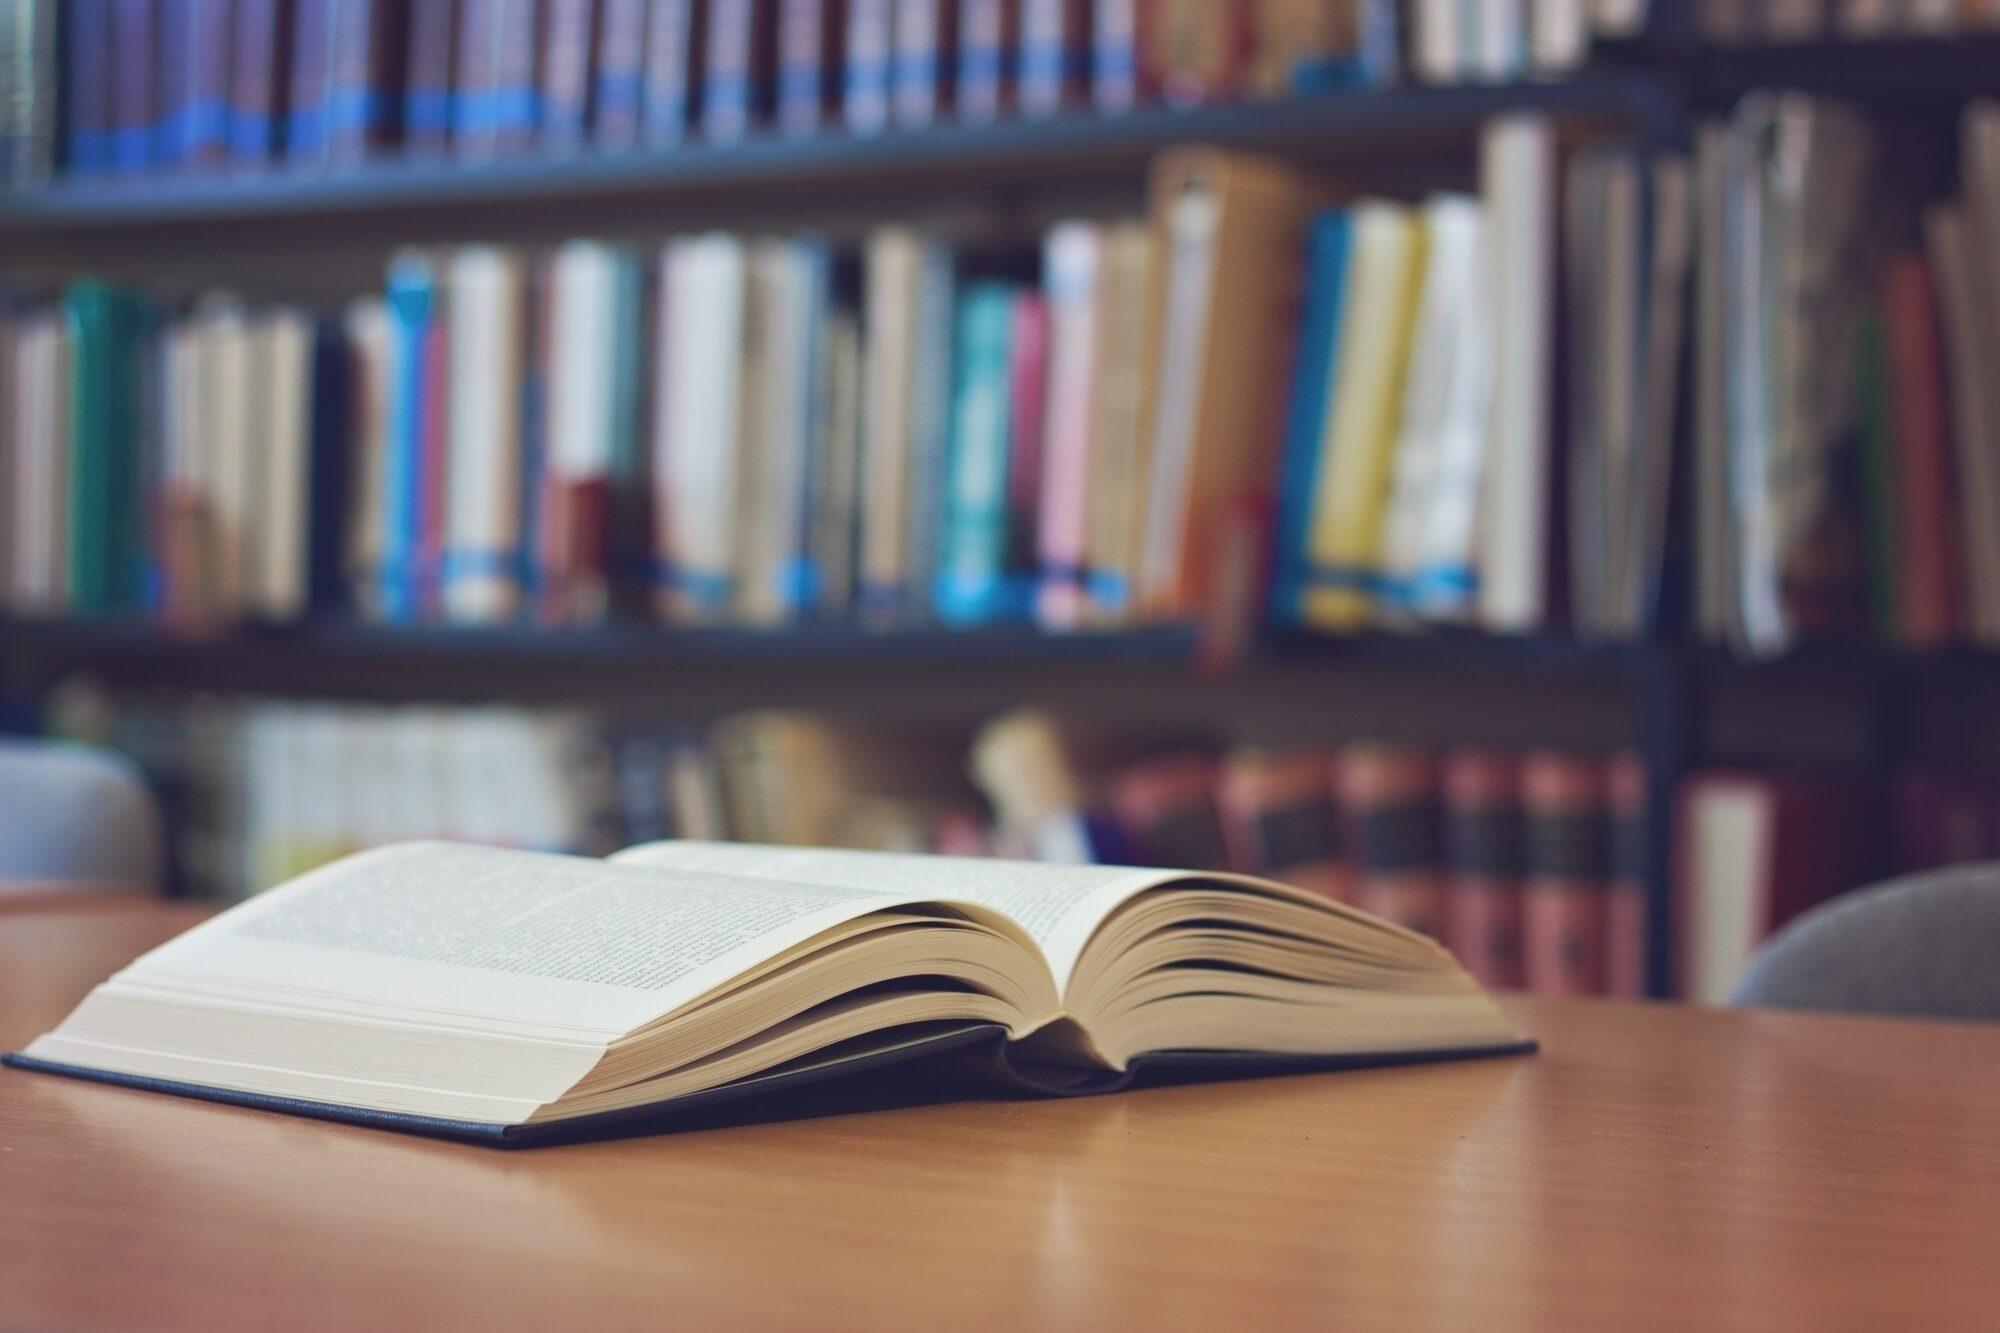 50 procent van de hulpverleners geeft aan dat er thuis onvoldoende gelezen wordt